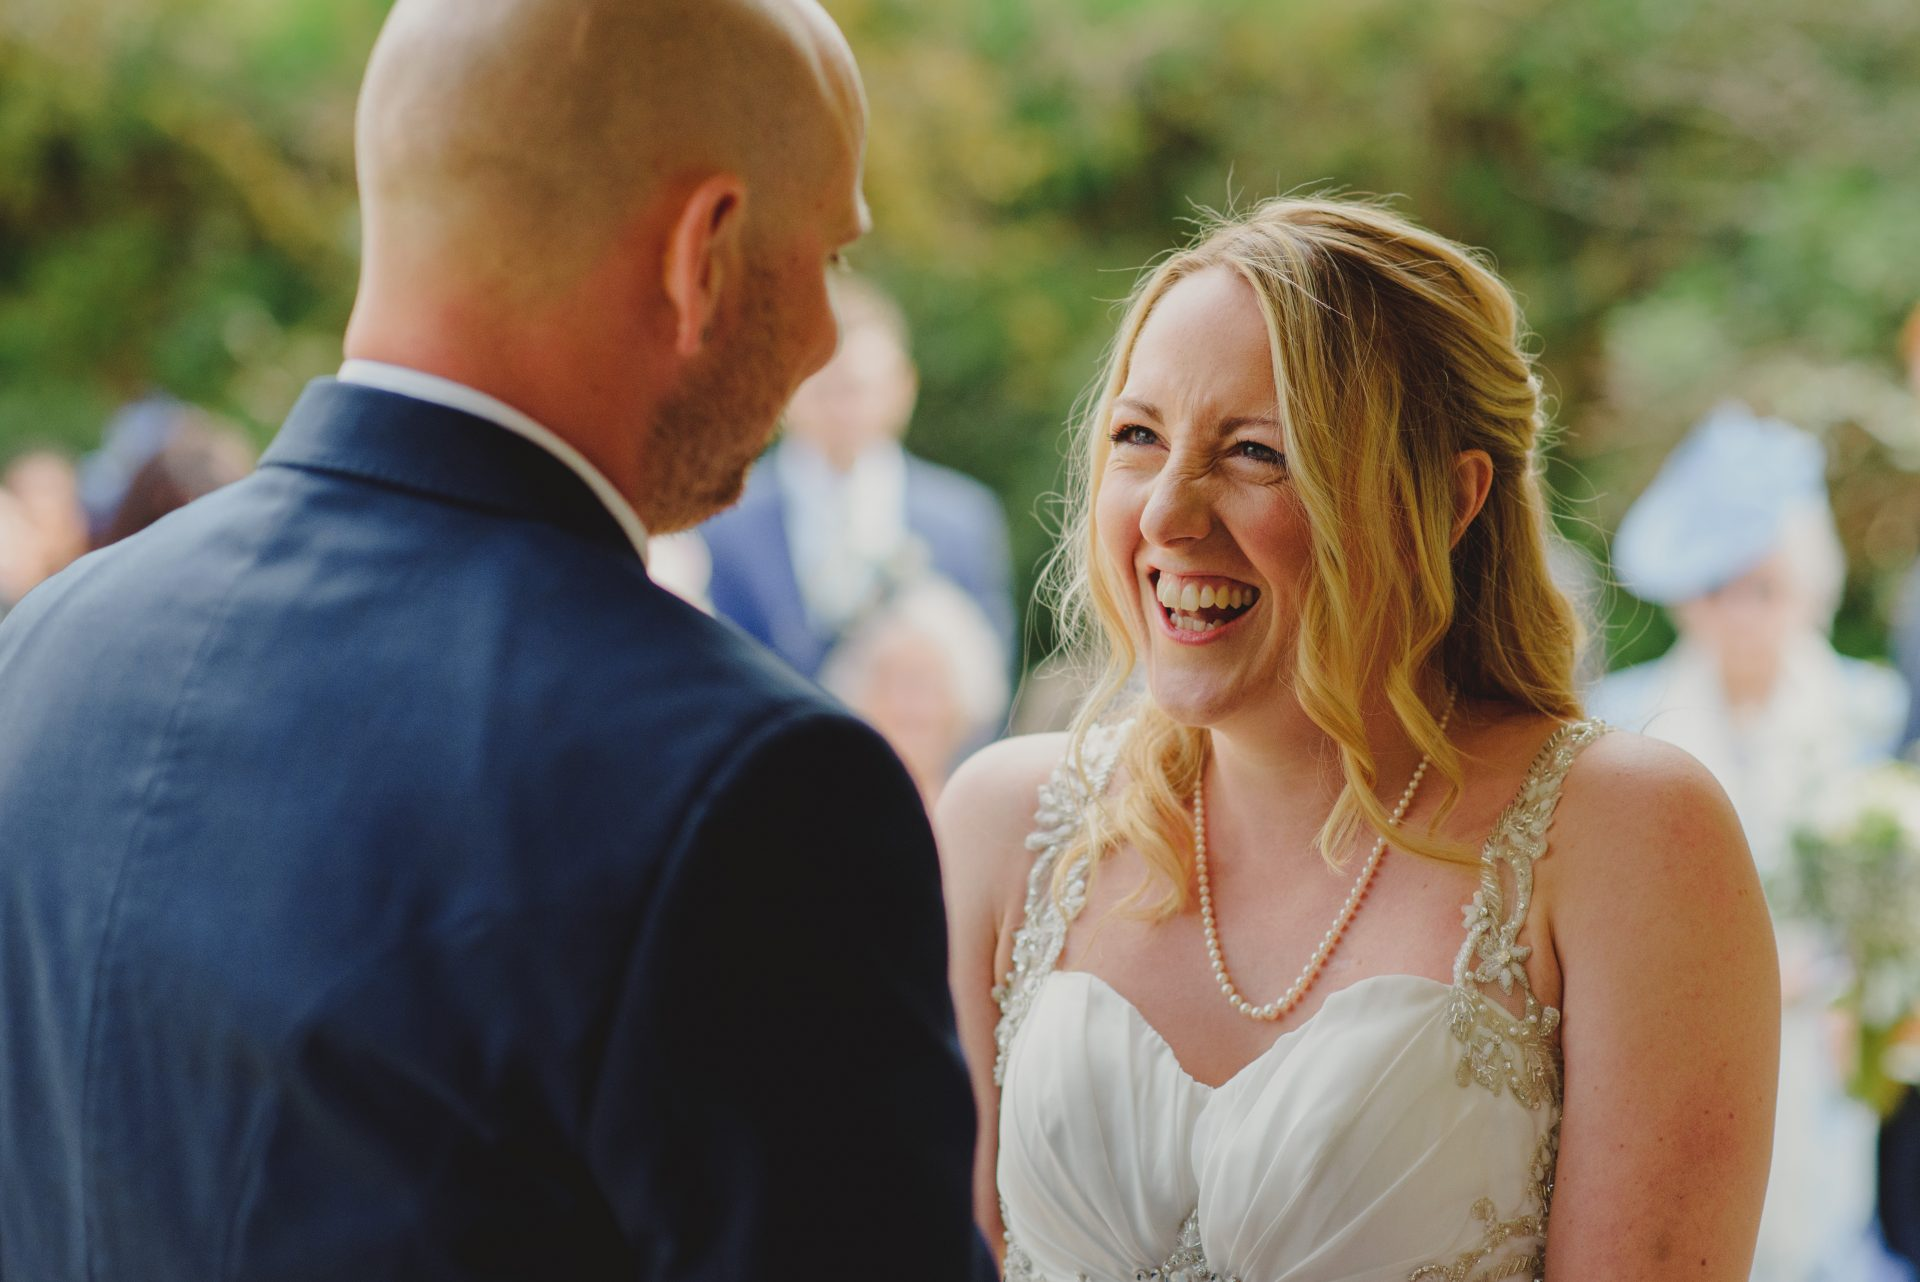 Kilminorth Cottages Wedding Photographer - Stewart Girvan Photography 2020